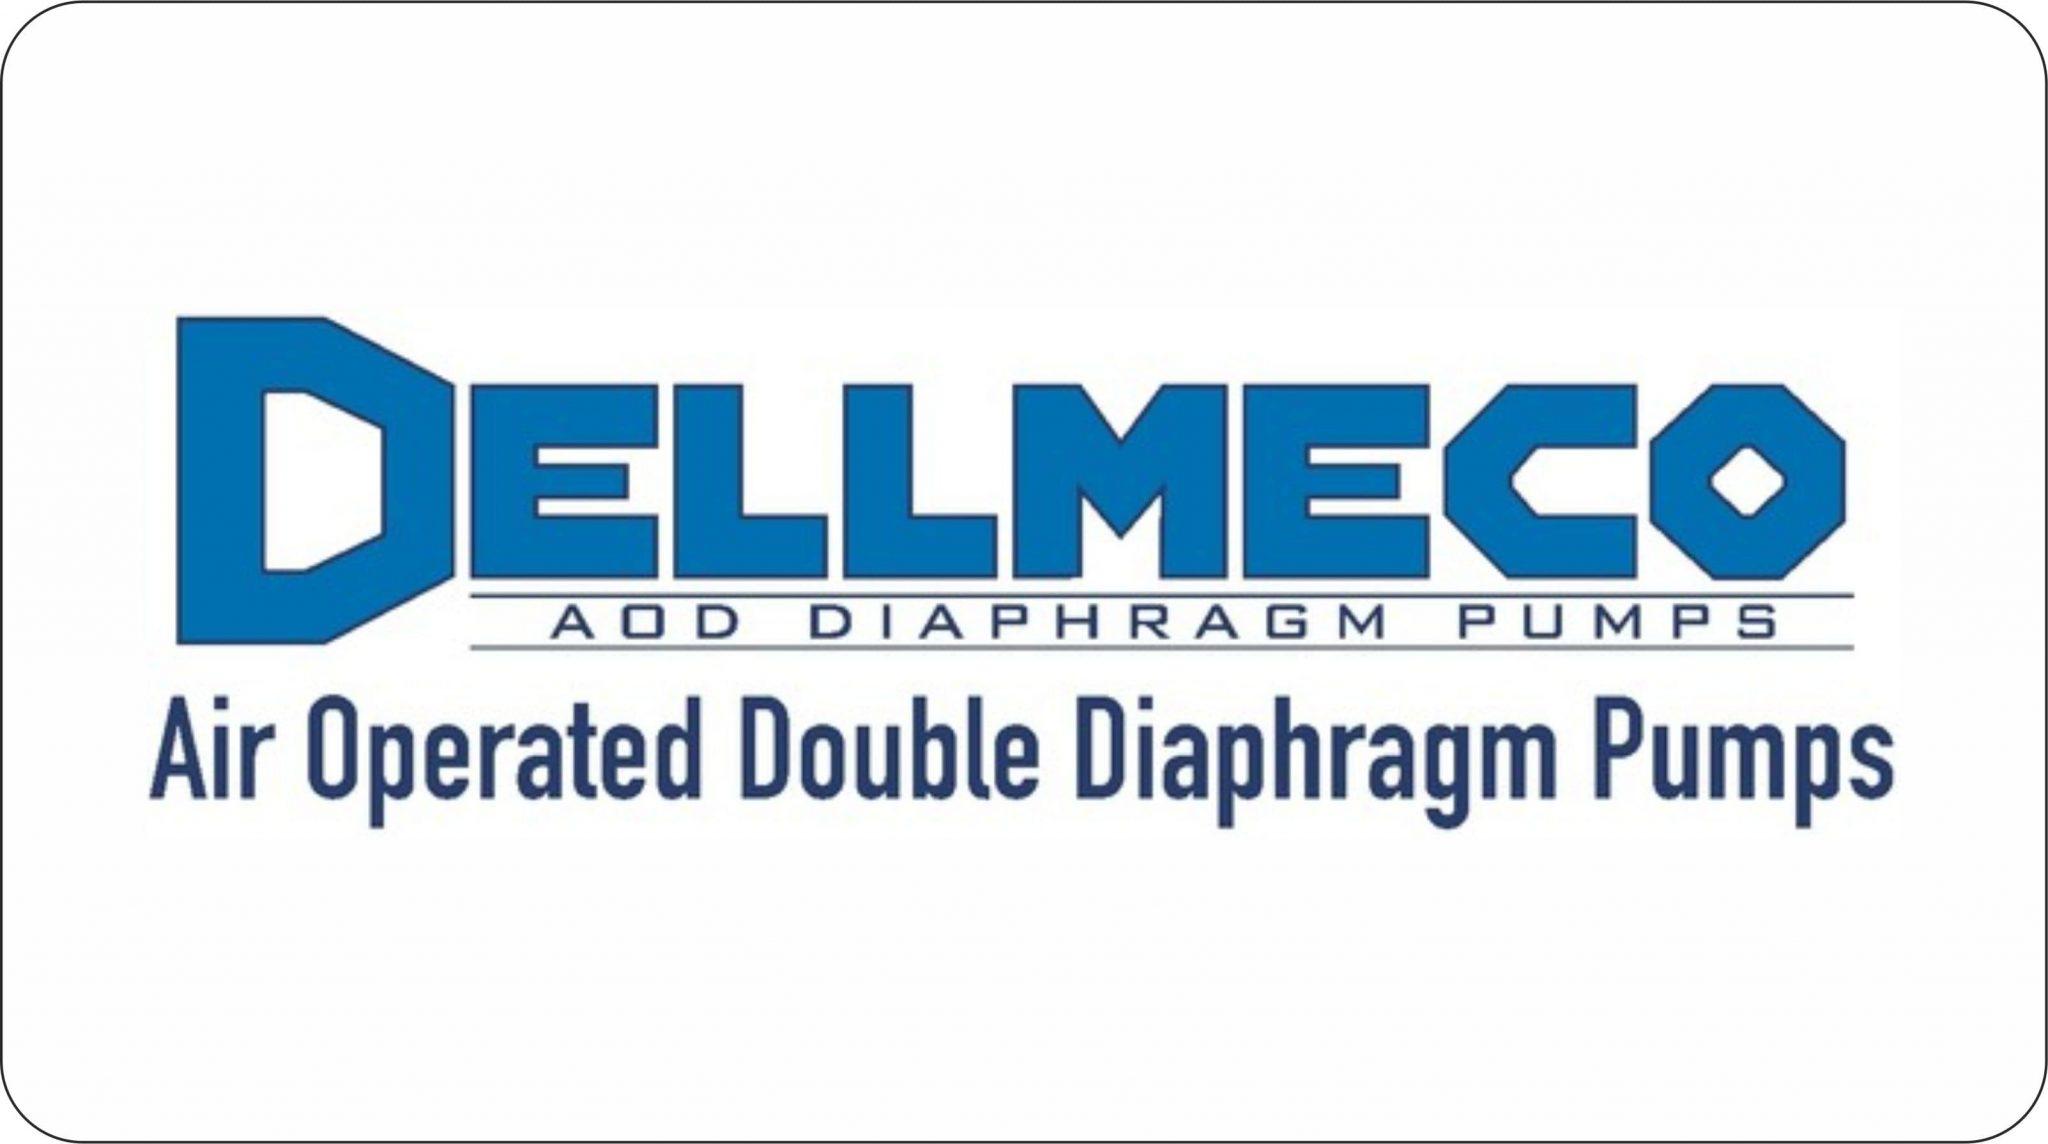 DELLEMCO-min